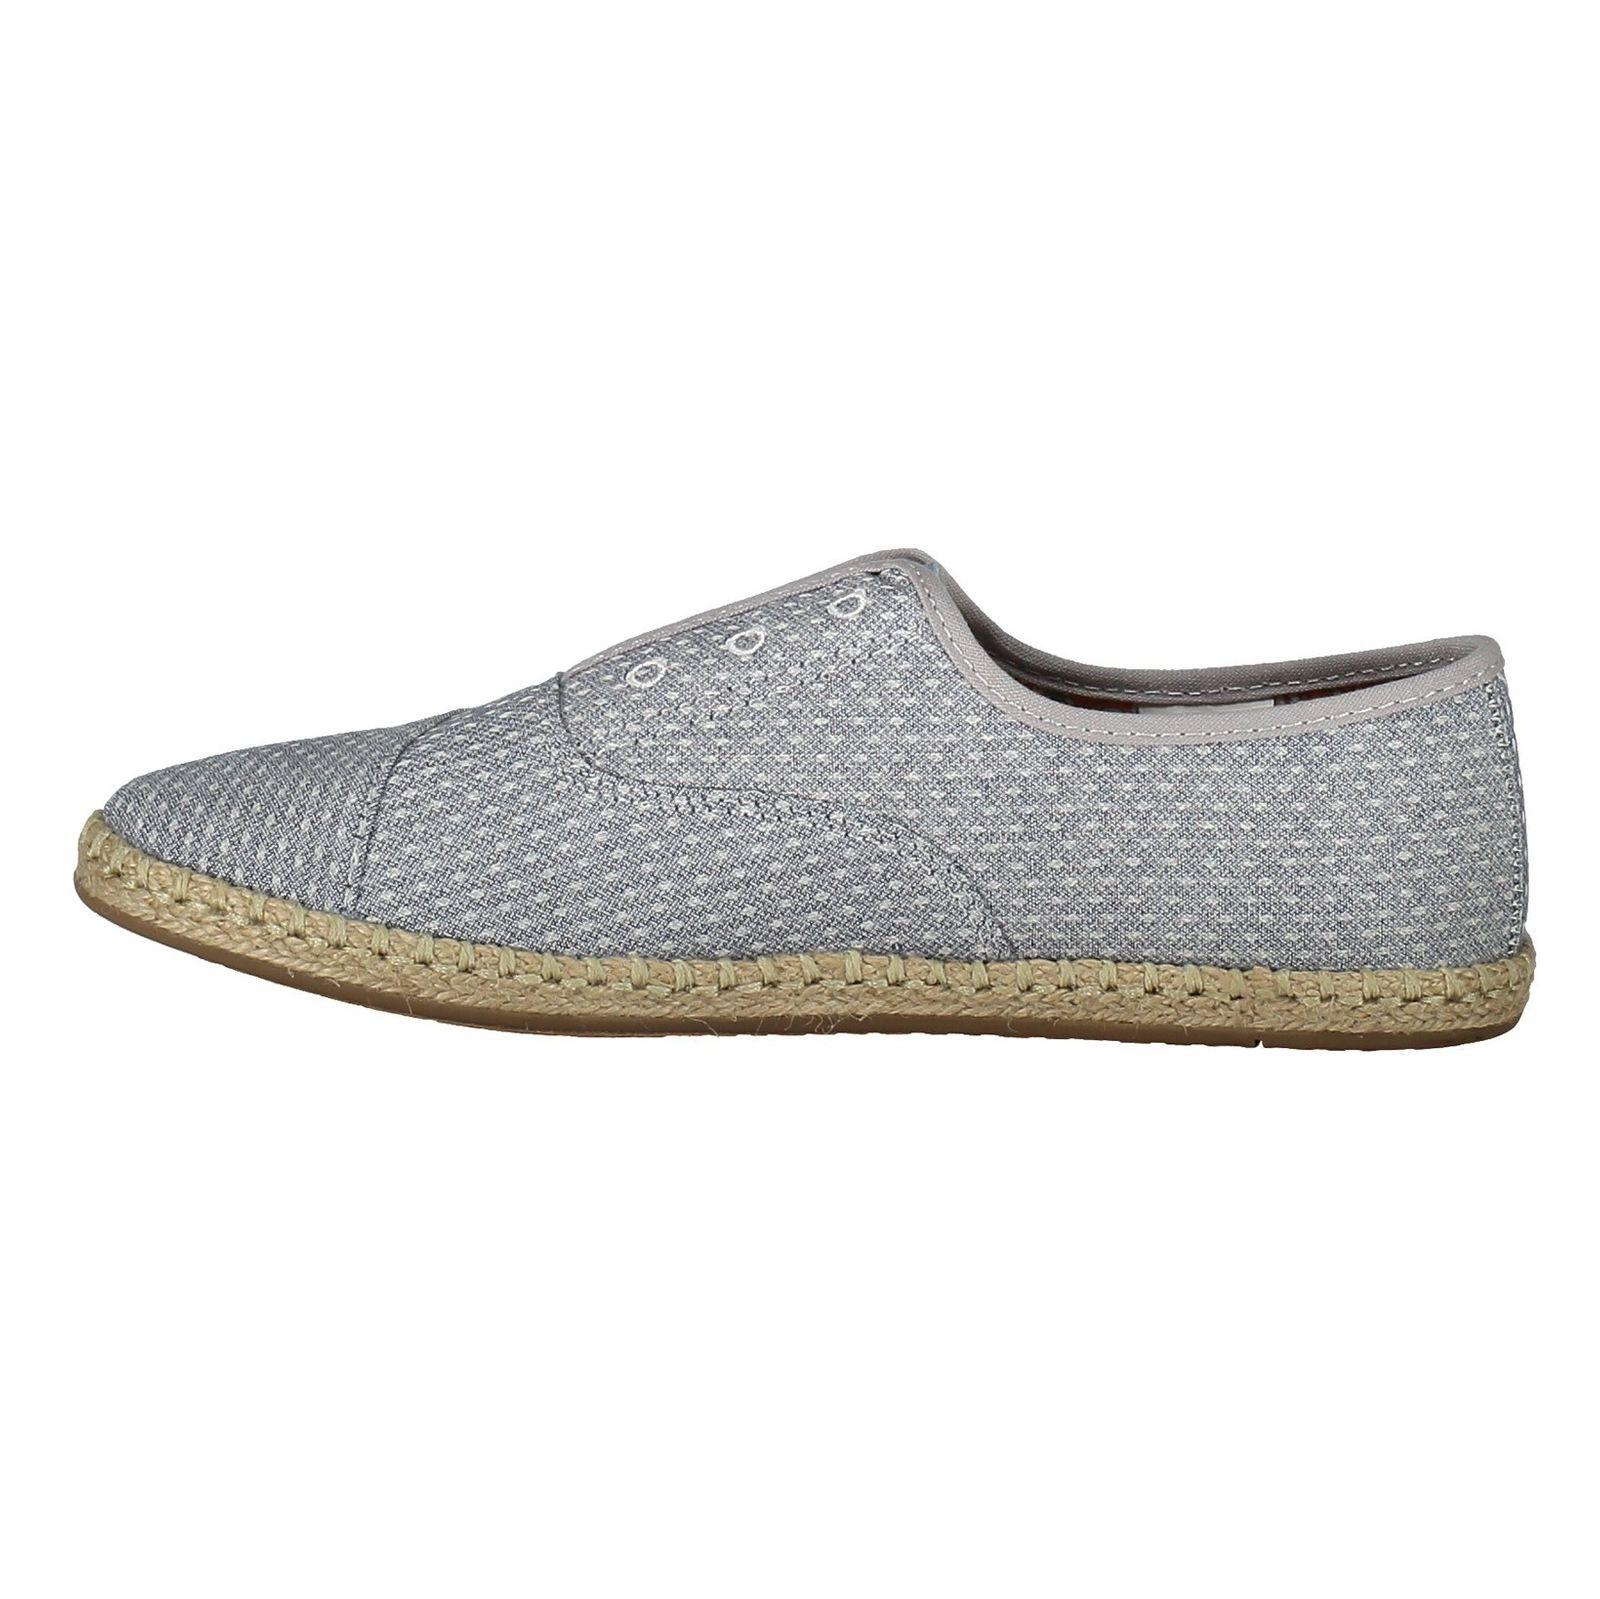 کفش تخت پارچه ای زنانه - تامز - آبي - 3